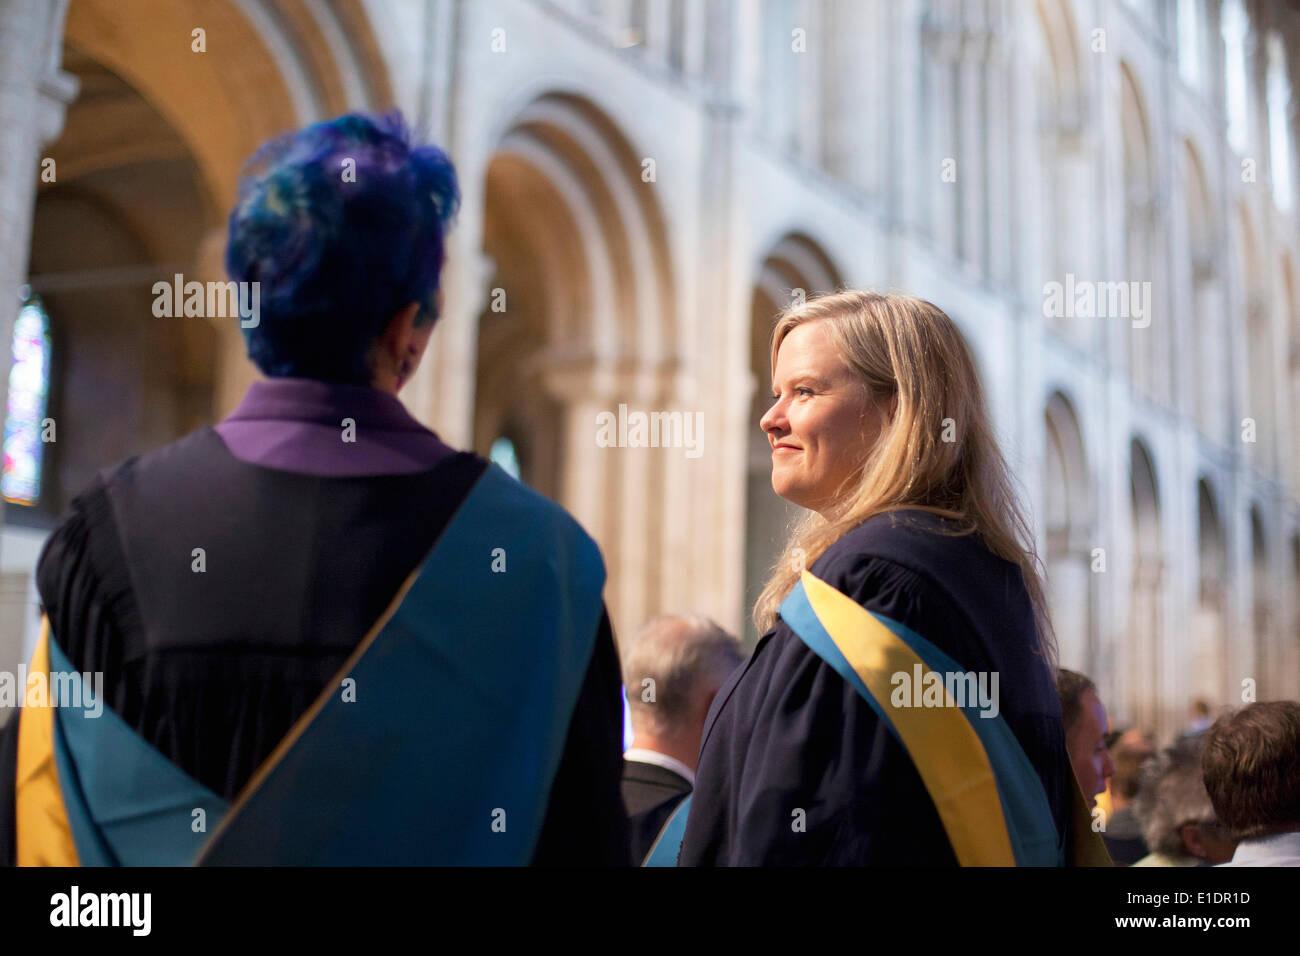 Ely, Cambridgeshire, Reino Unido. El 31 de mayo de 2014. La apertura de nuevos graduados universitarios asistir a la ceremonia de grado en la catedral de Ely en Cambridgeshire. Crédito: Adrian Buck/Alamy Live News Imagen De Stock